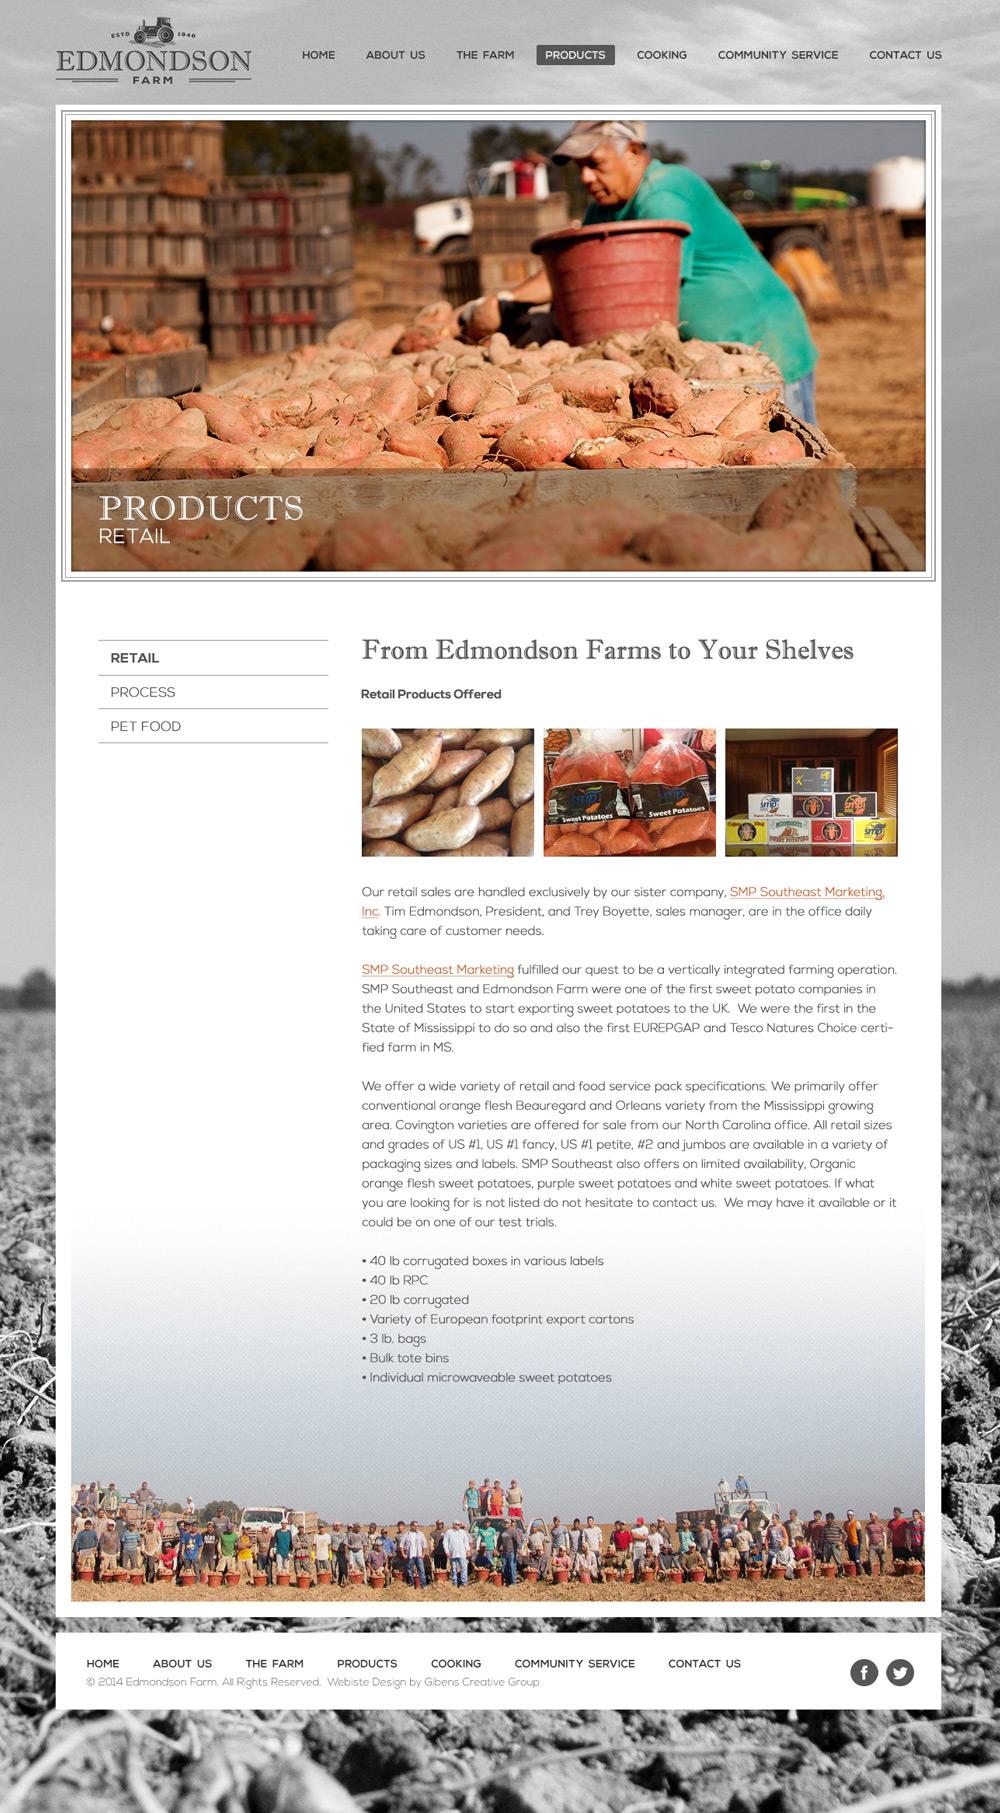 edmondsonFarm_Products_Full